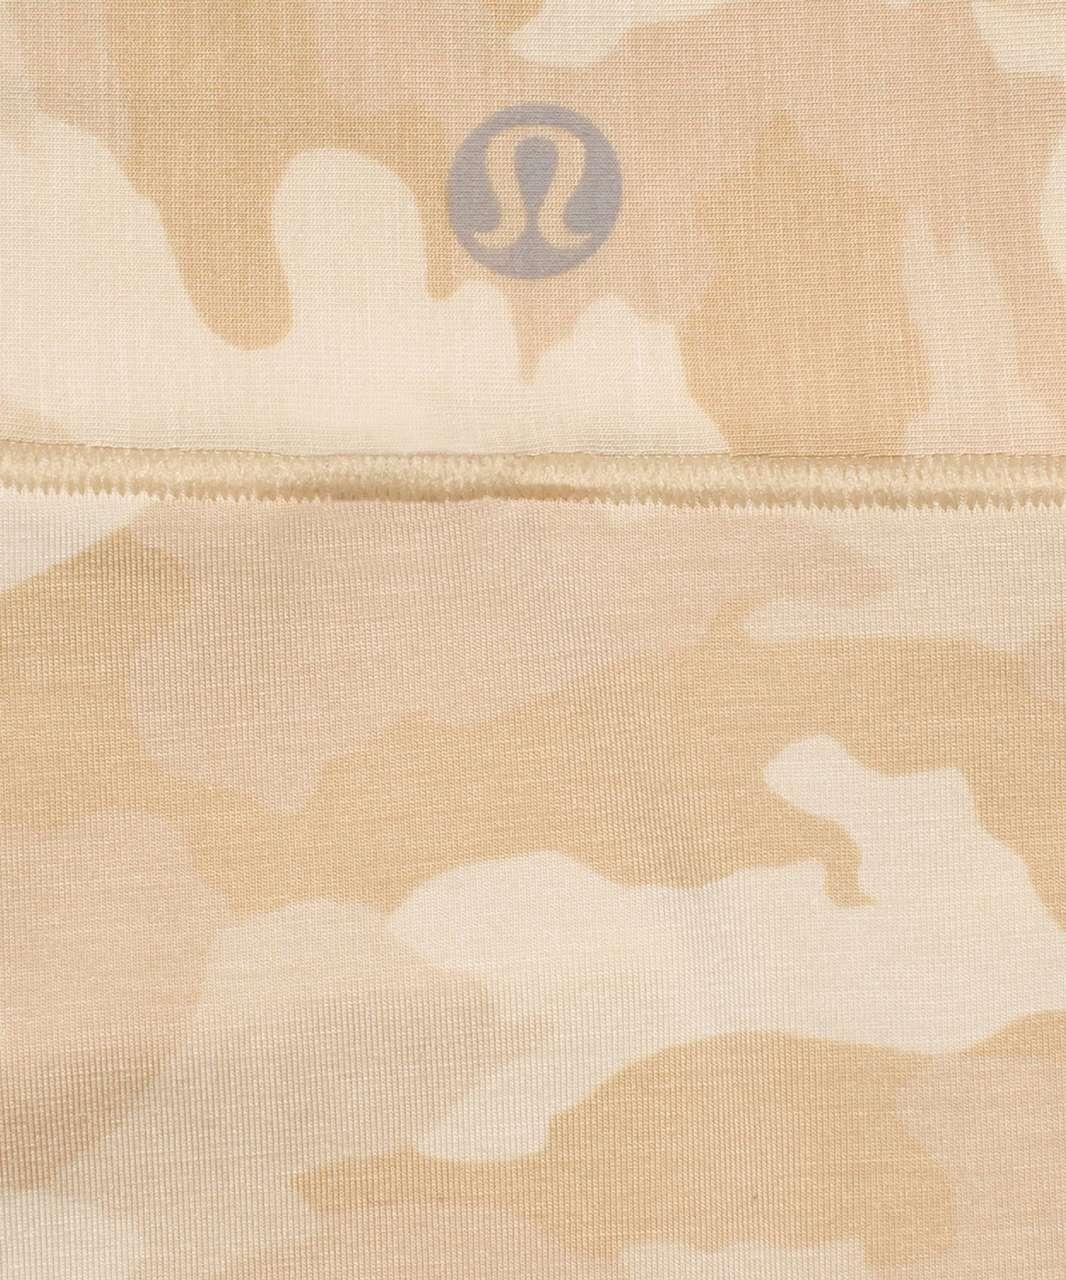 Lululemon UnderEase Mid Rise Bikini Underwear 3 Pack - Heritage 365 Camo Mini Pecan Tan Multi / Pink Mist / Black